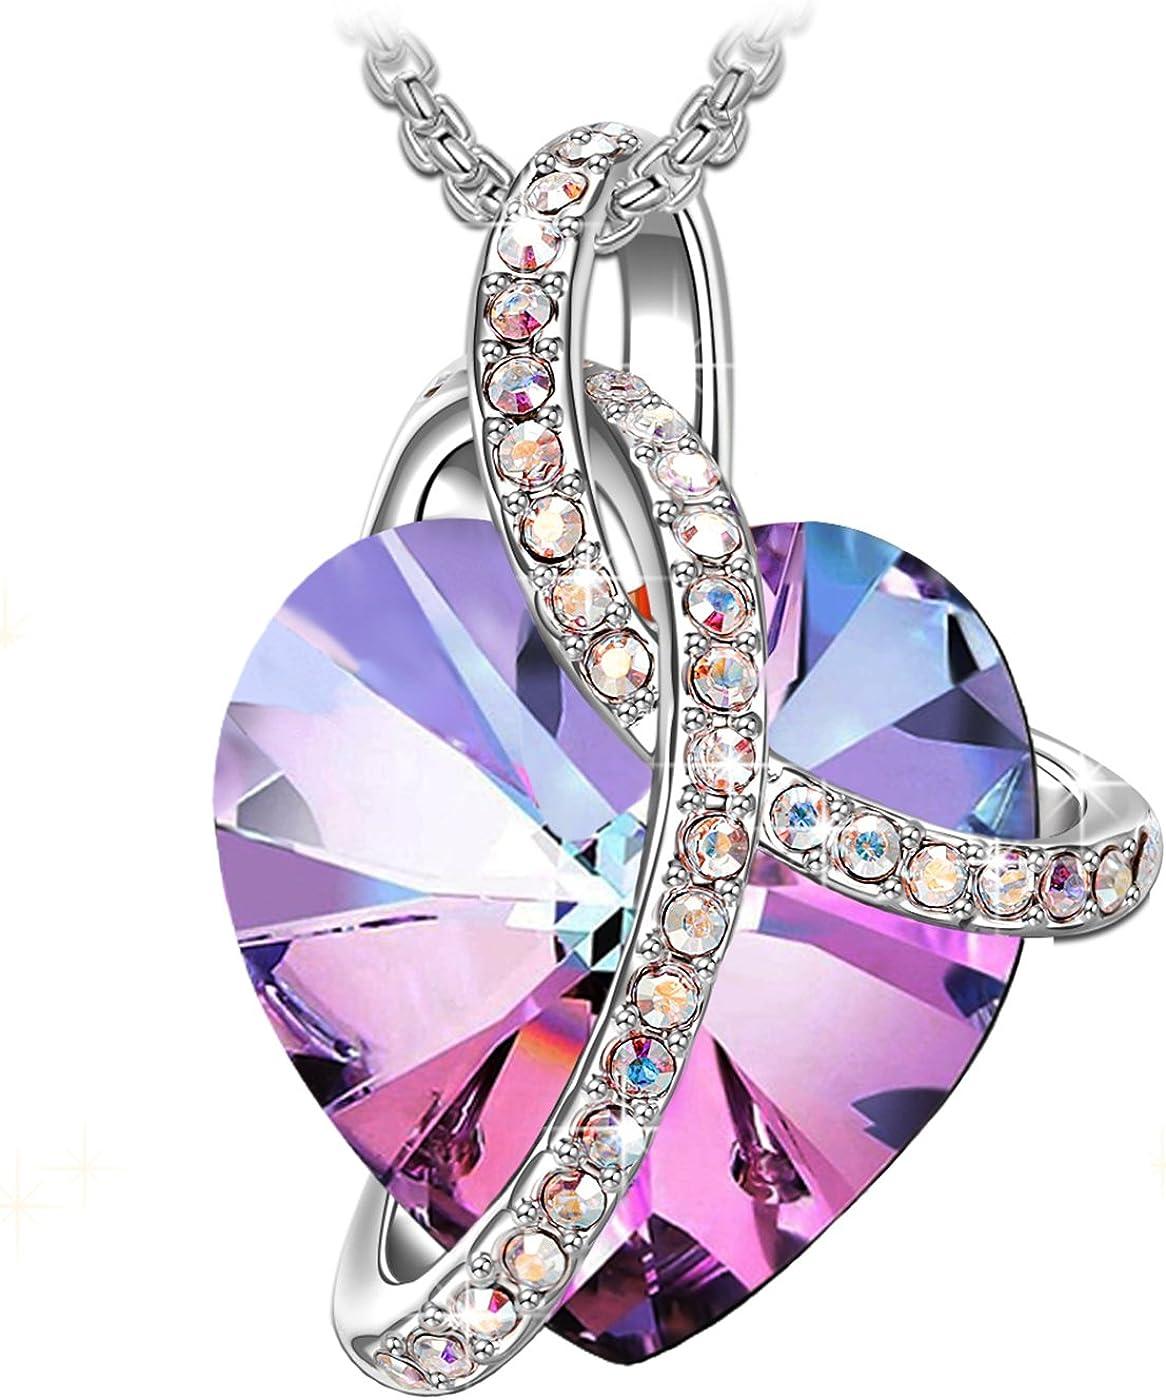 J.RENEÉ Amor Corazon Collares, con Cristal de Swarovski, Joyas para Mujer, Colgantes Mujer, Regalos para Mujer